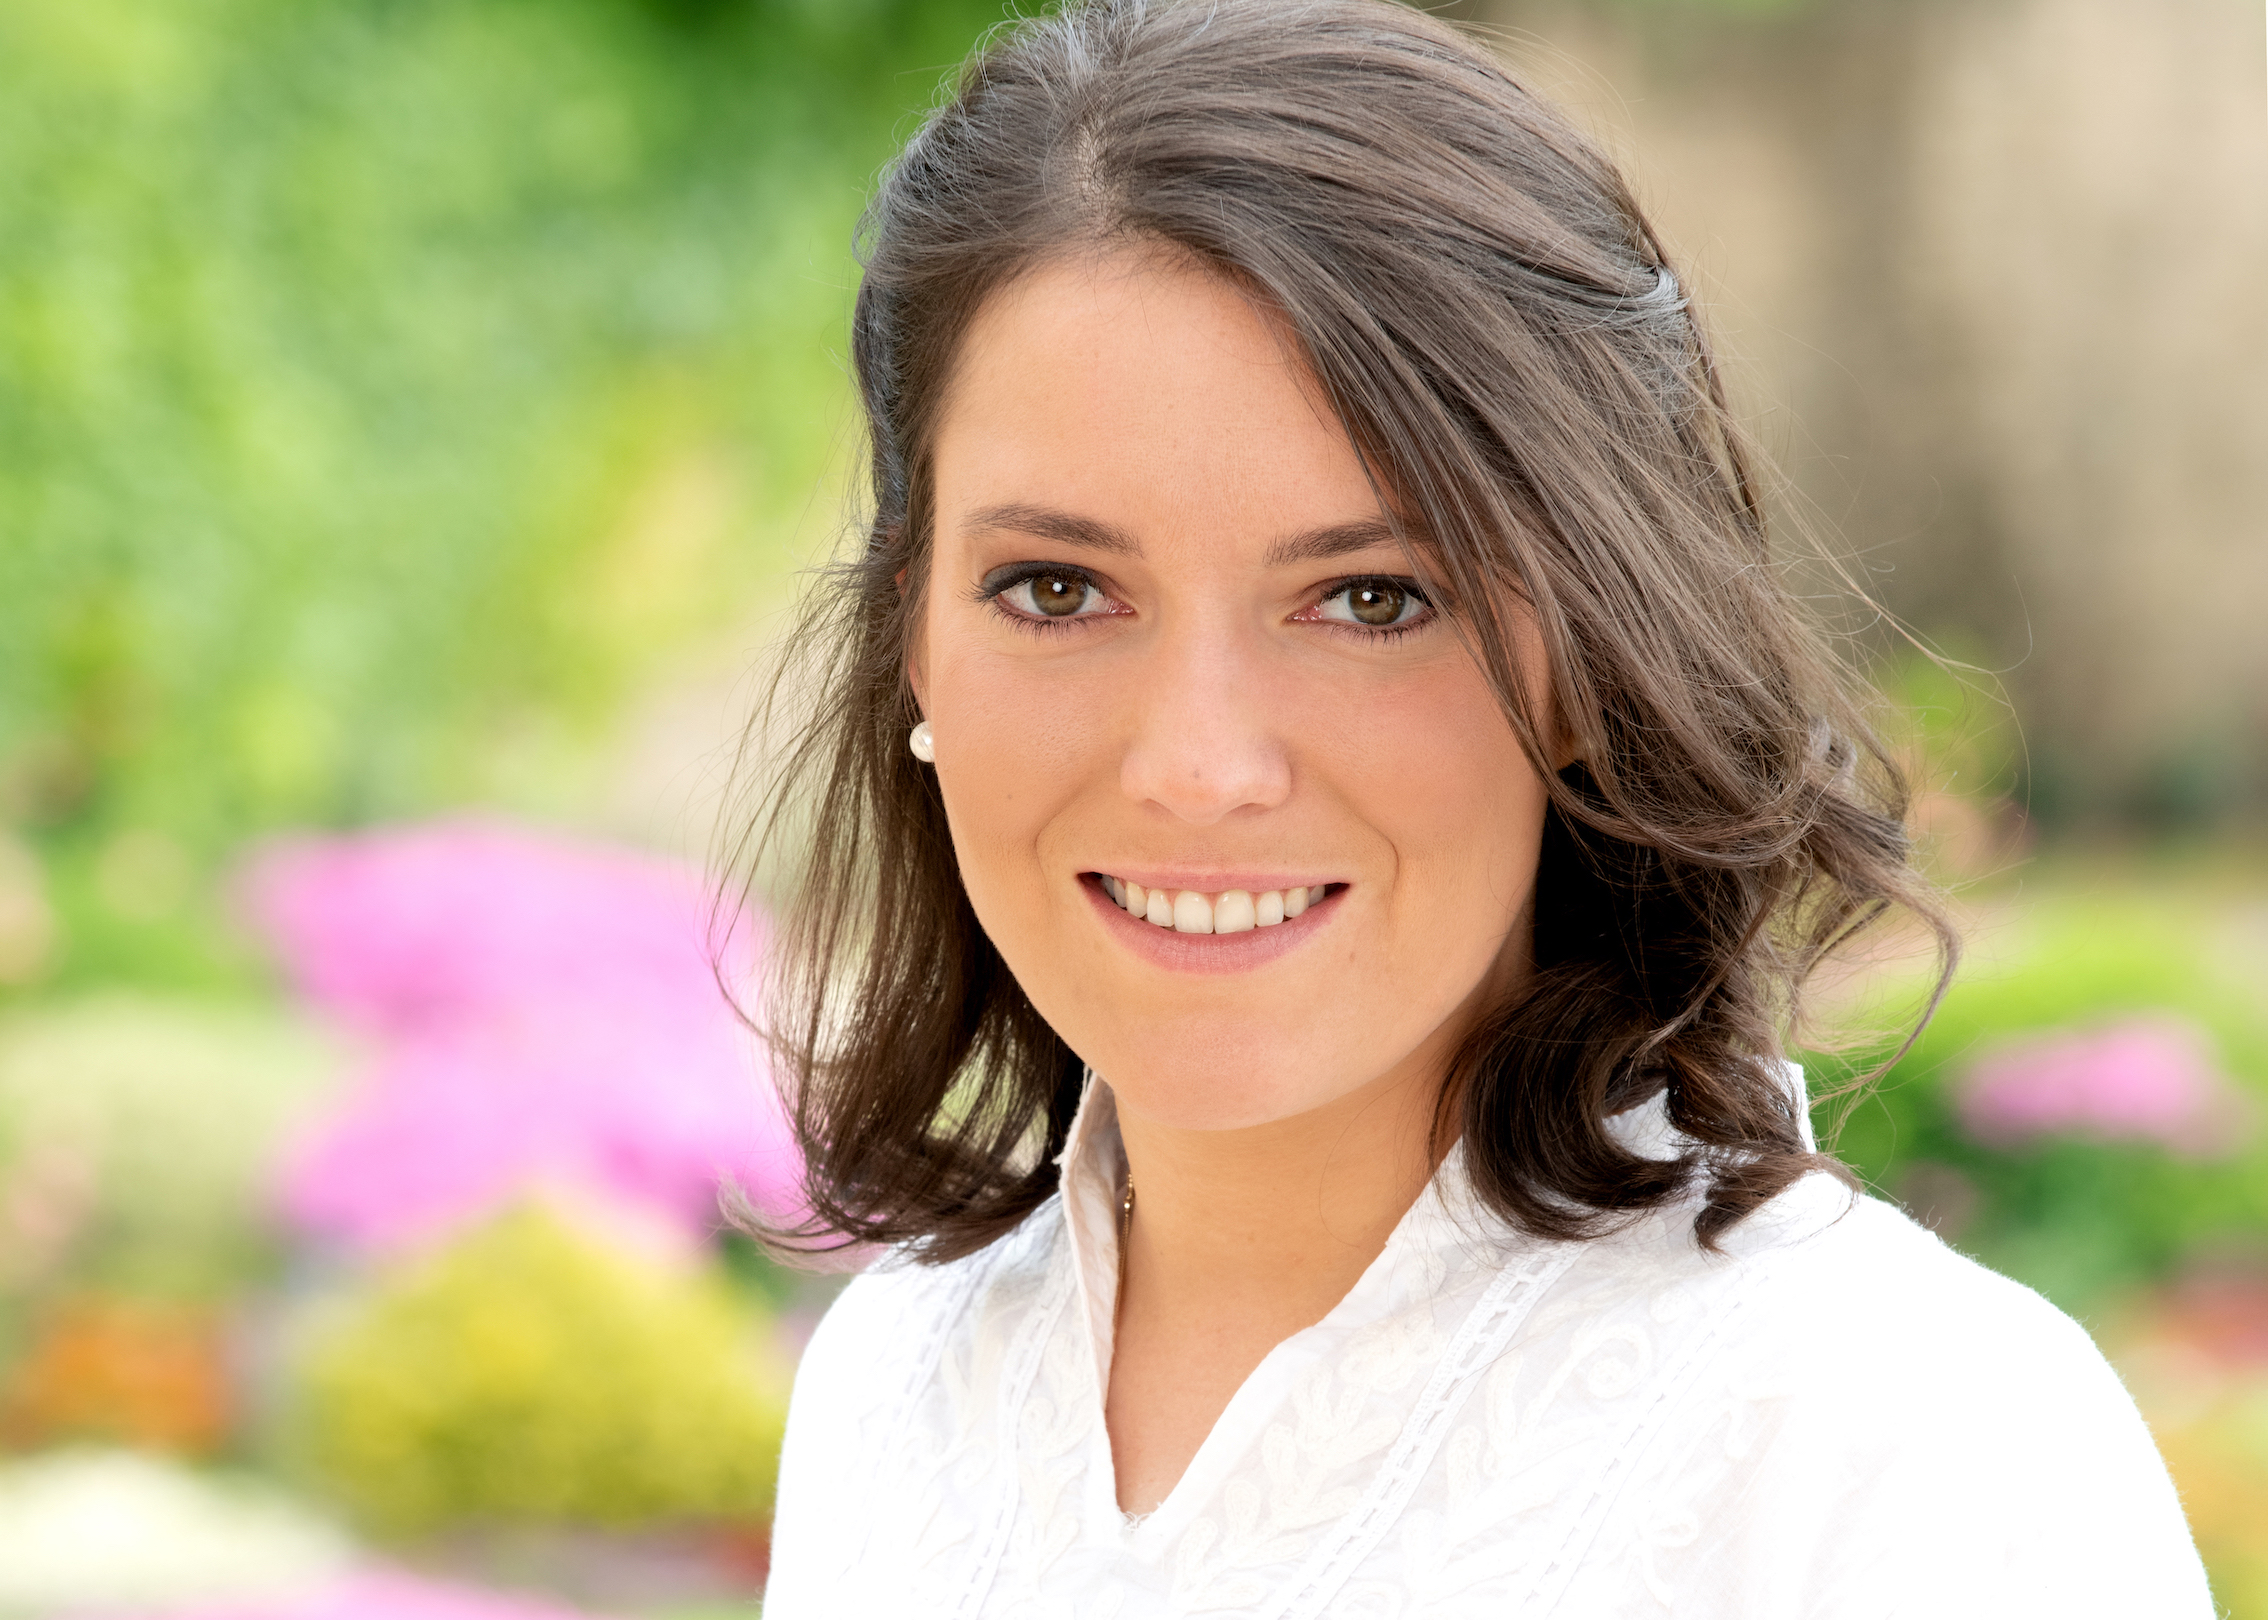 Die süße Luxemburgerin zählt zu den begehrtesten Junggesellinnen der Welt.  ©Cour grand-ducale / Lola Velasco